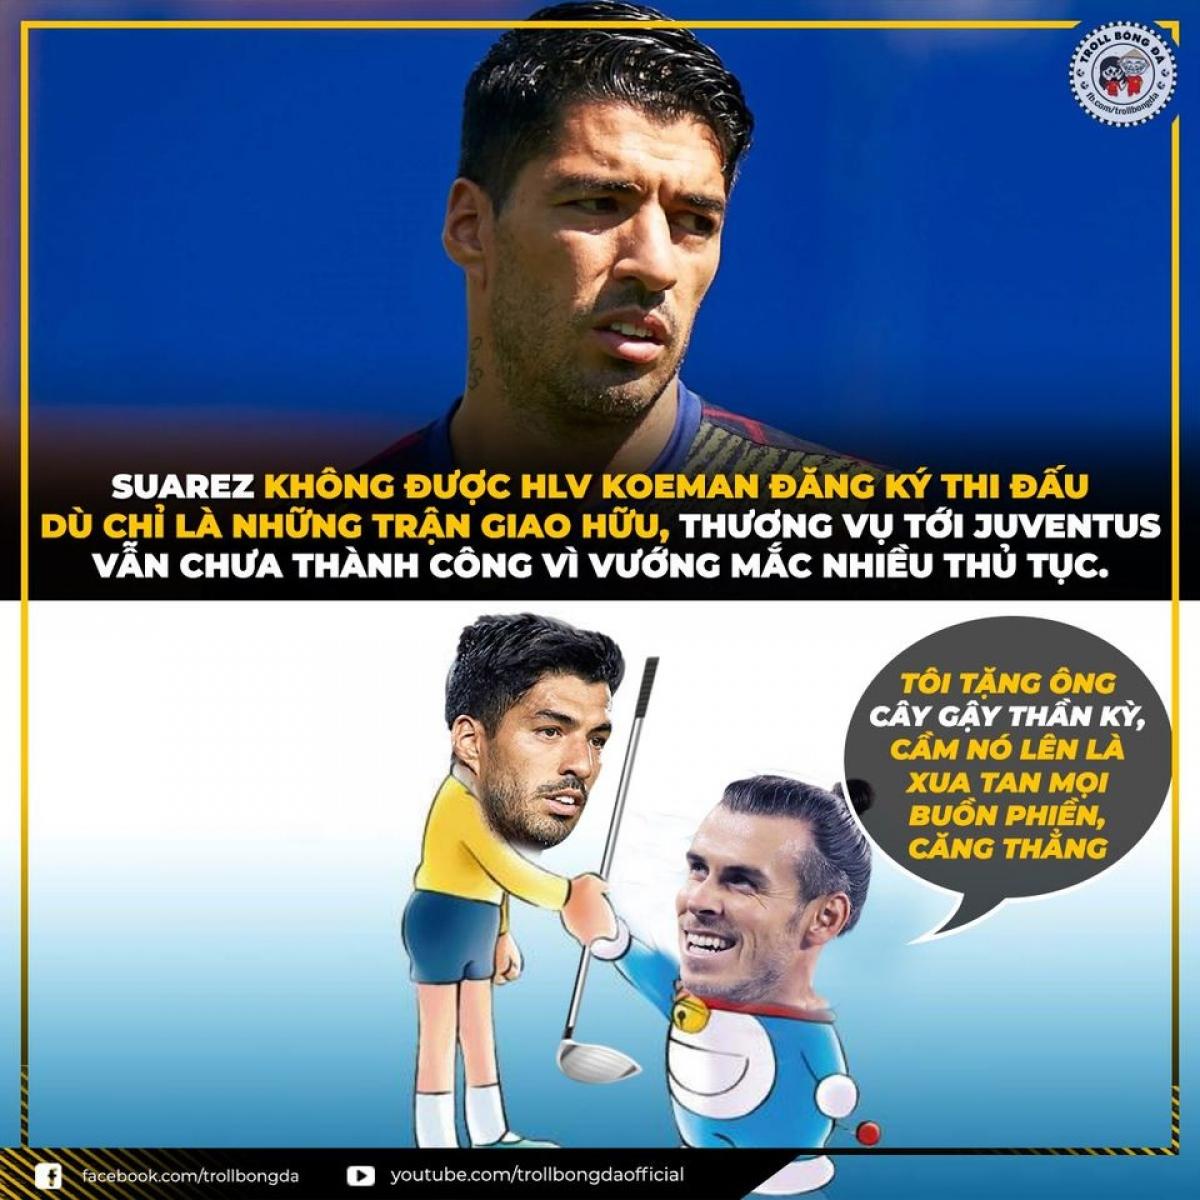 Suarez nên học Bale cách đánh golf nếu muốn rời Barca. (Ảnh: Troll bóng đá).